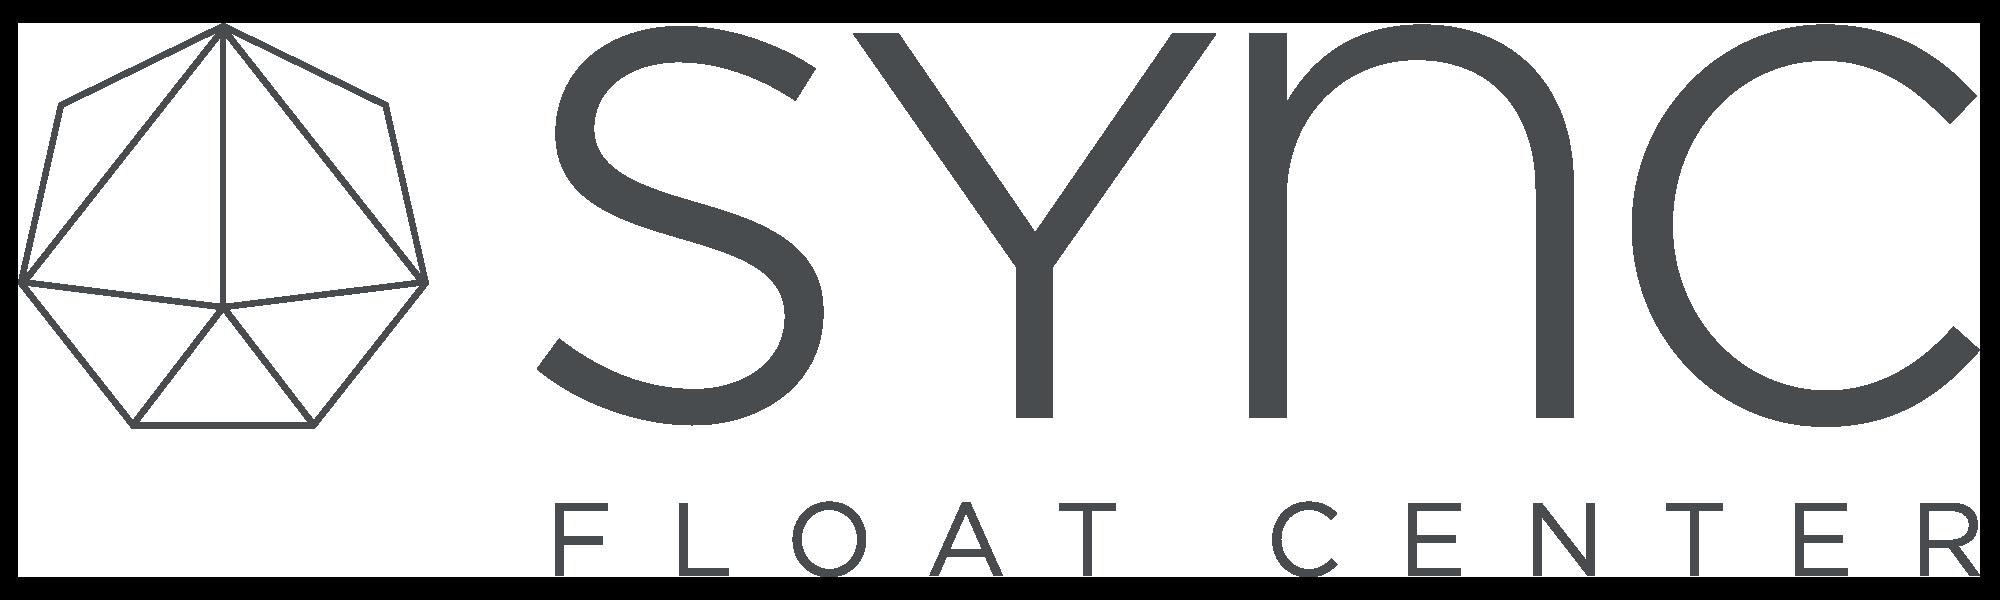 sync-logo-full-outline-black